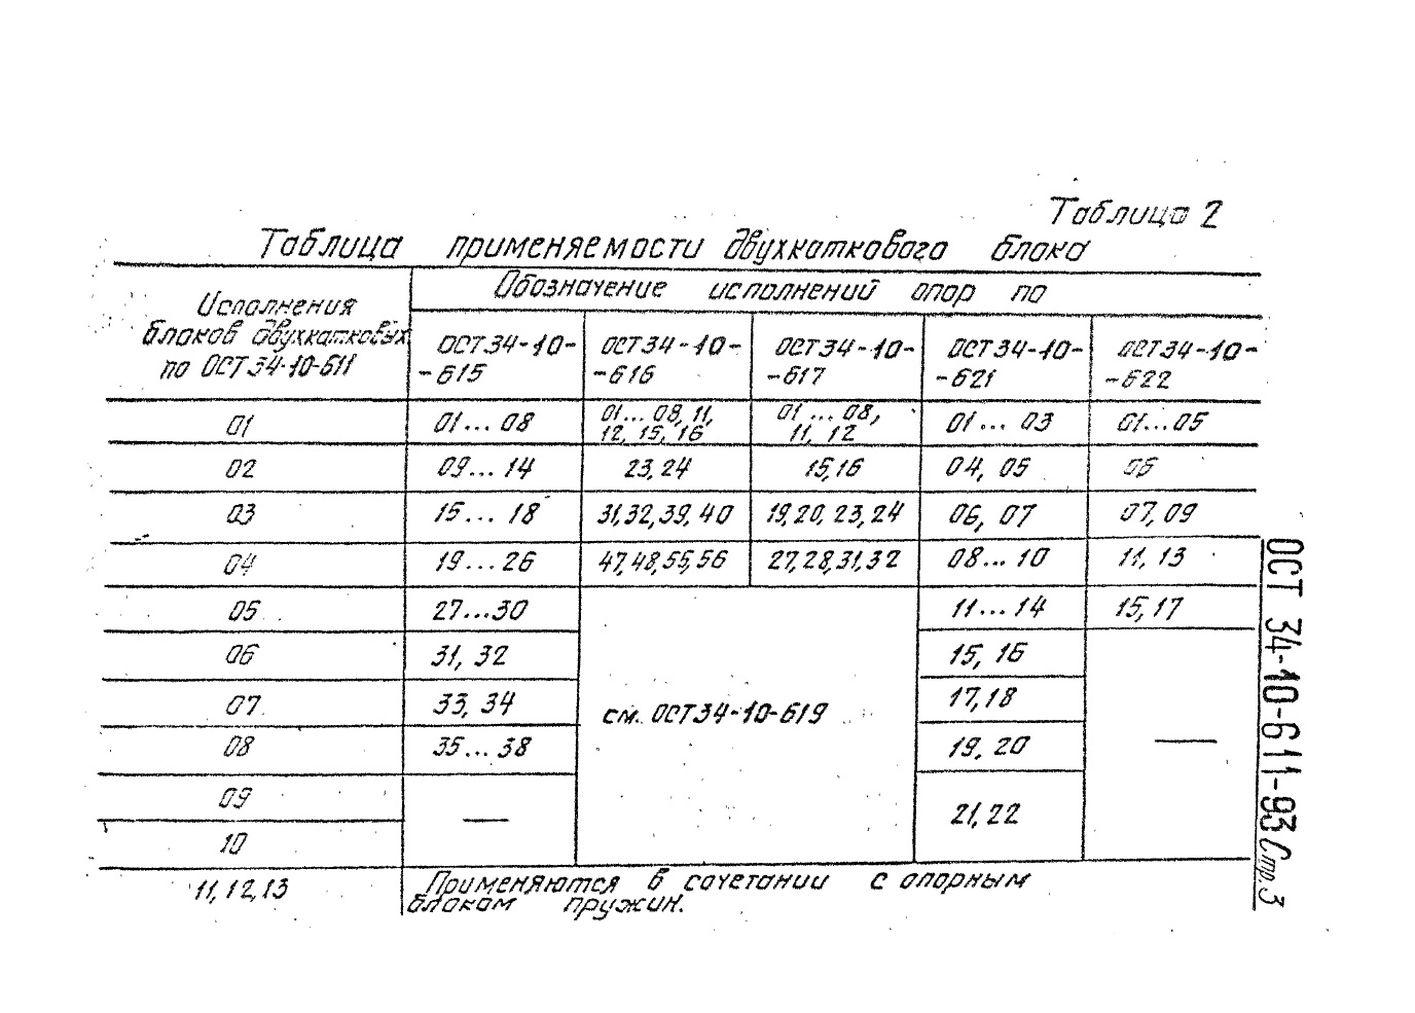 Блоки двухкатковые ОСТ 34-10-611-93 стр.3